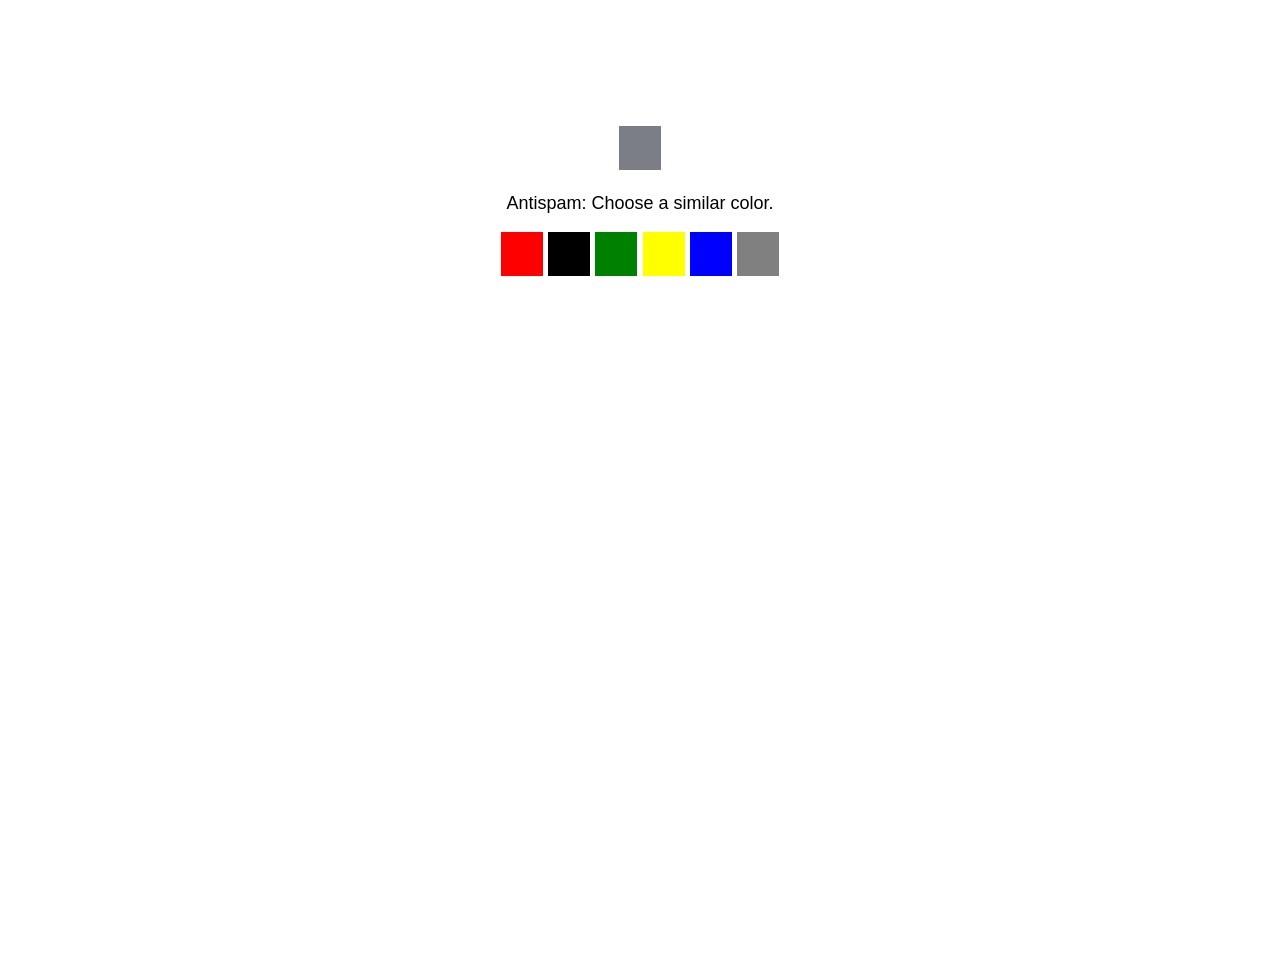 Kanavapuhallin online dating